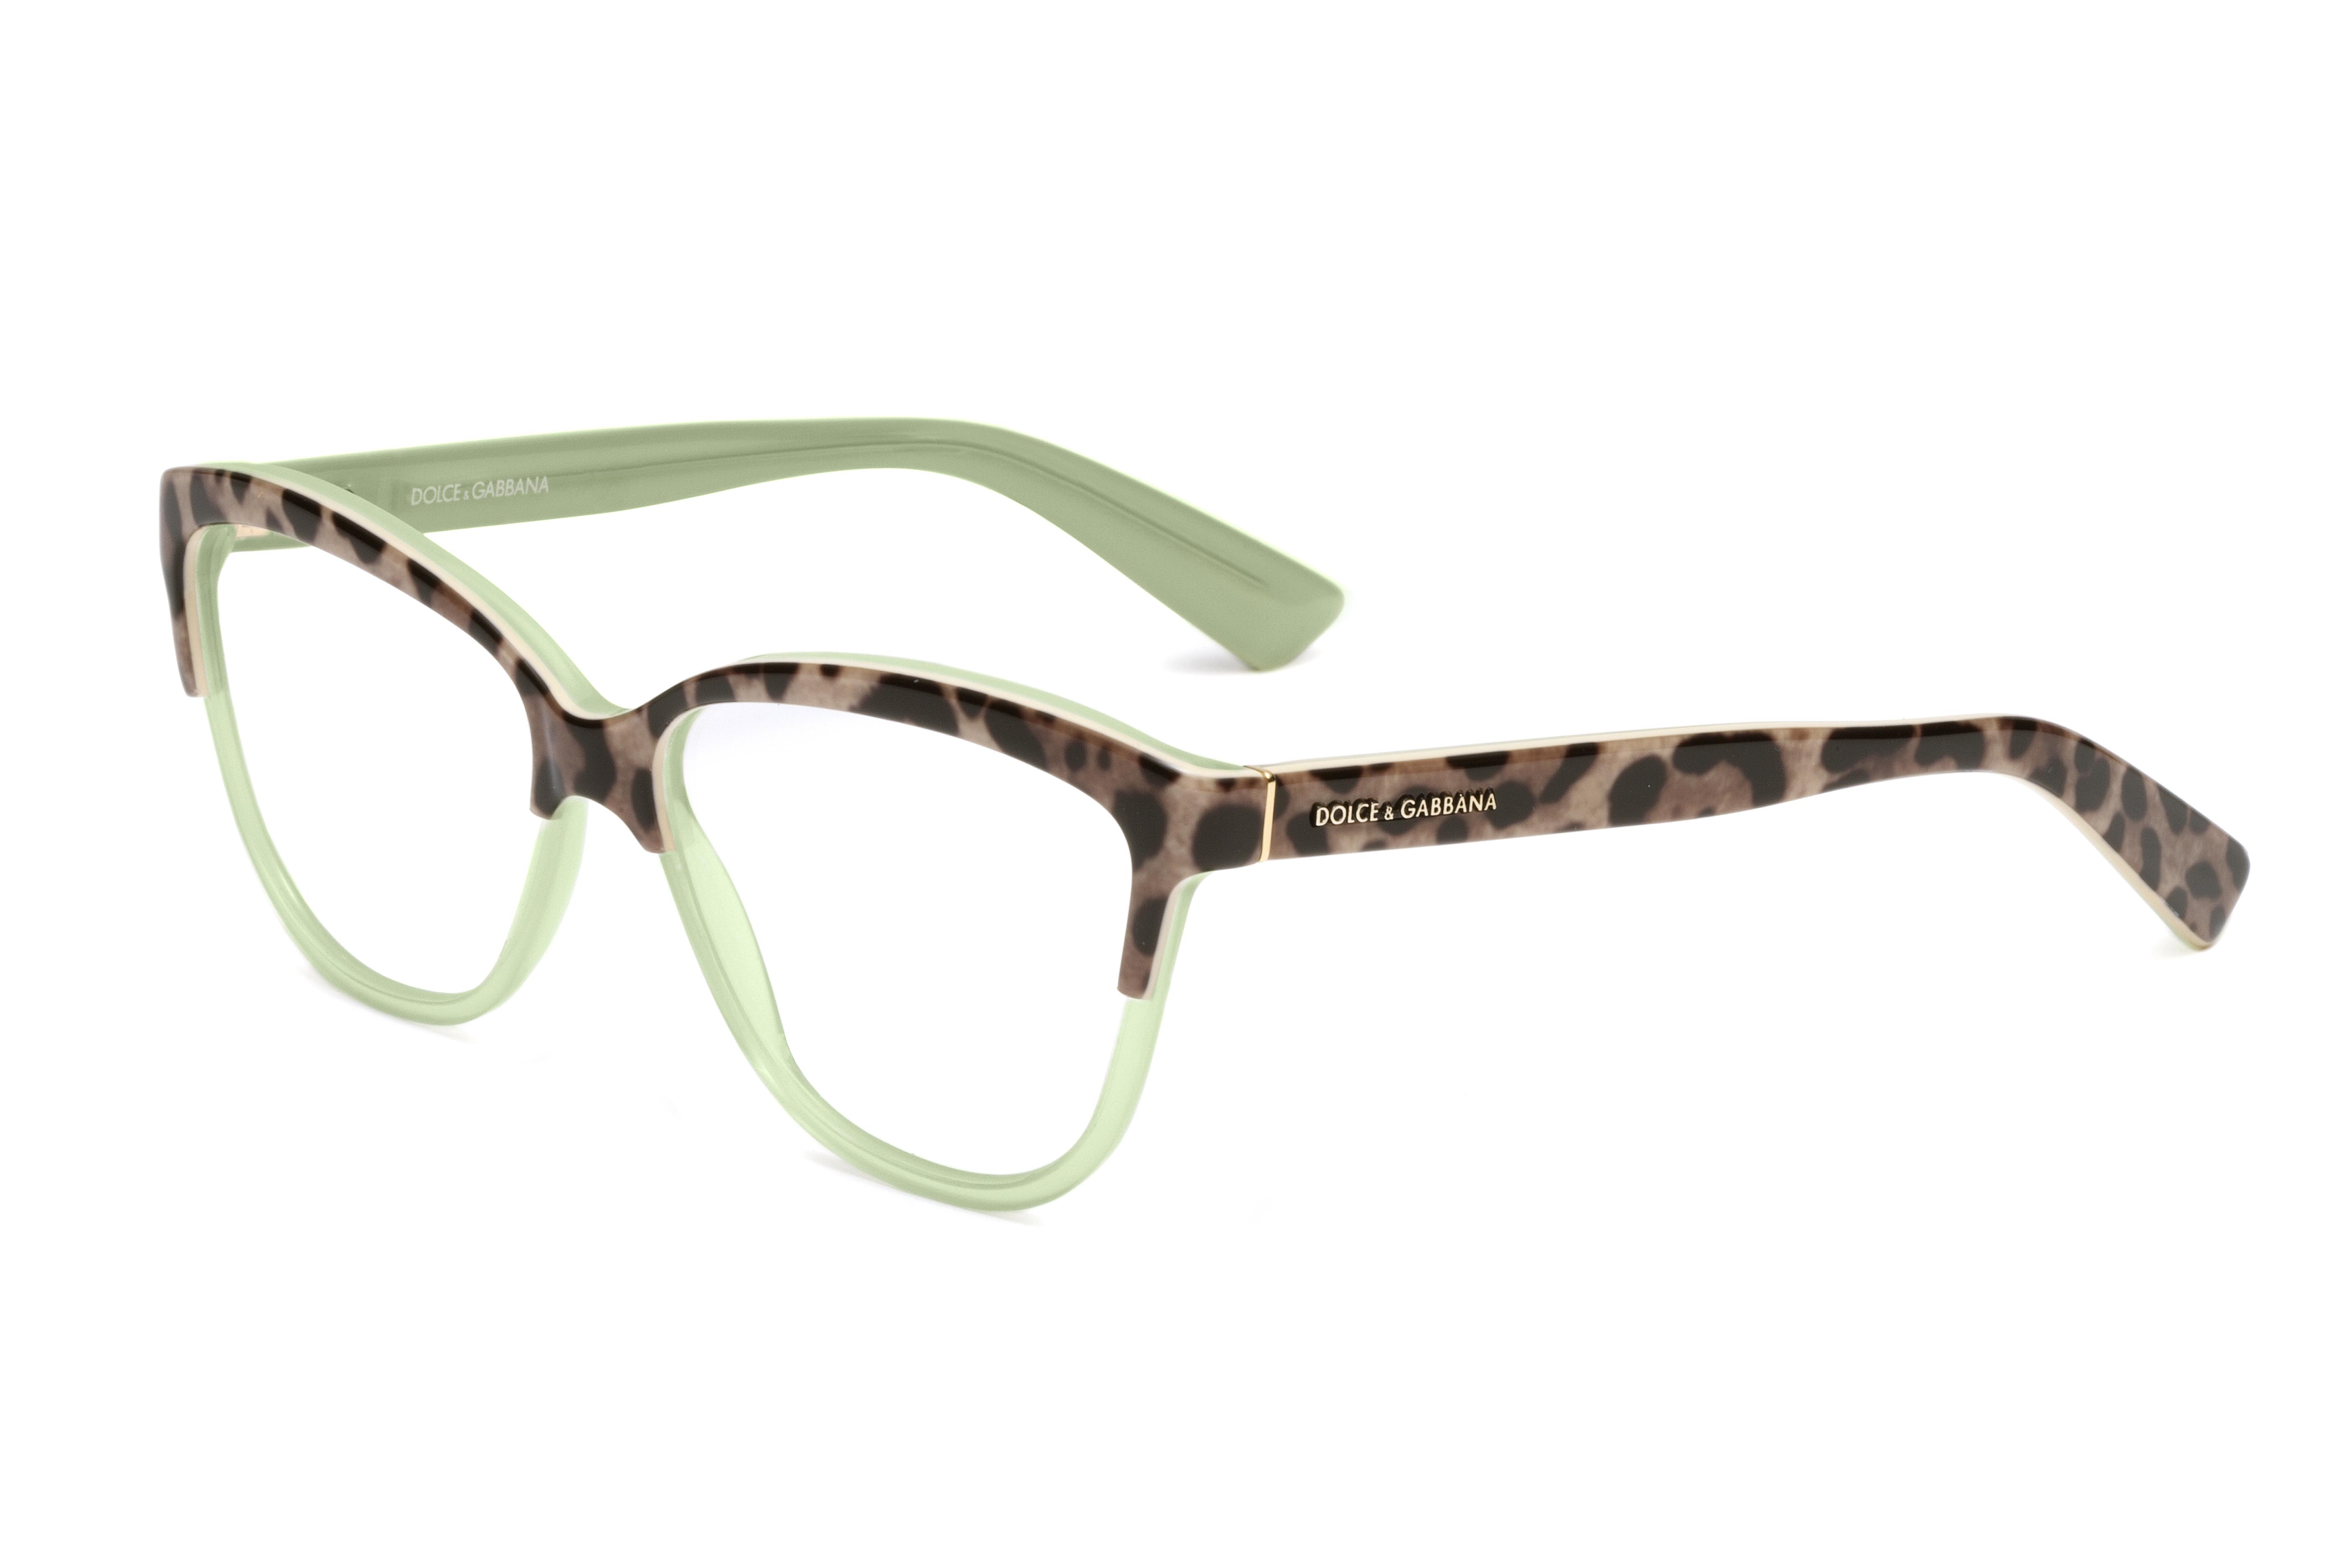 Dolce Gabbana eyewear « Spain in Sicily » pour l été 2015 - Luxsure 88409a1201c5